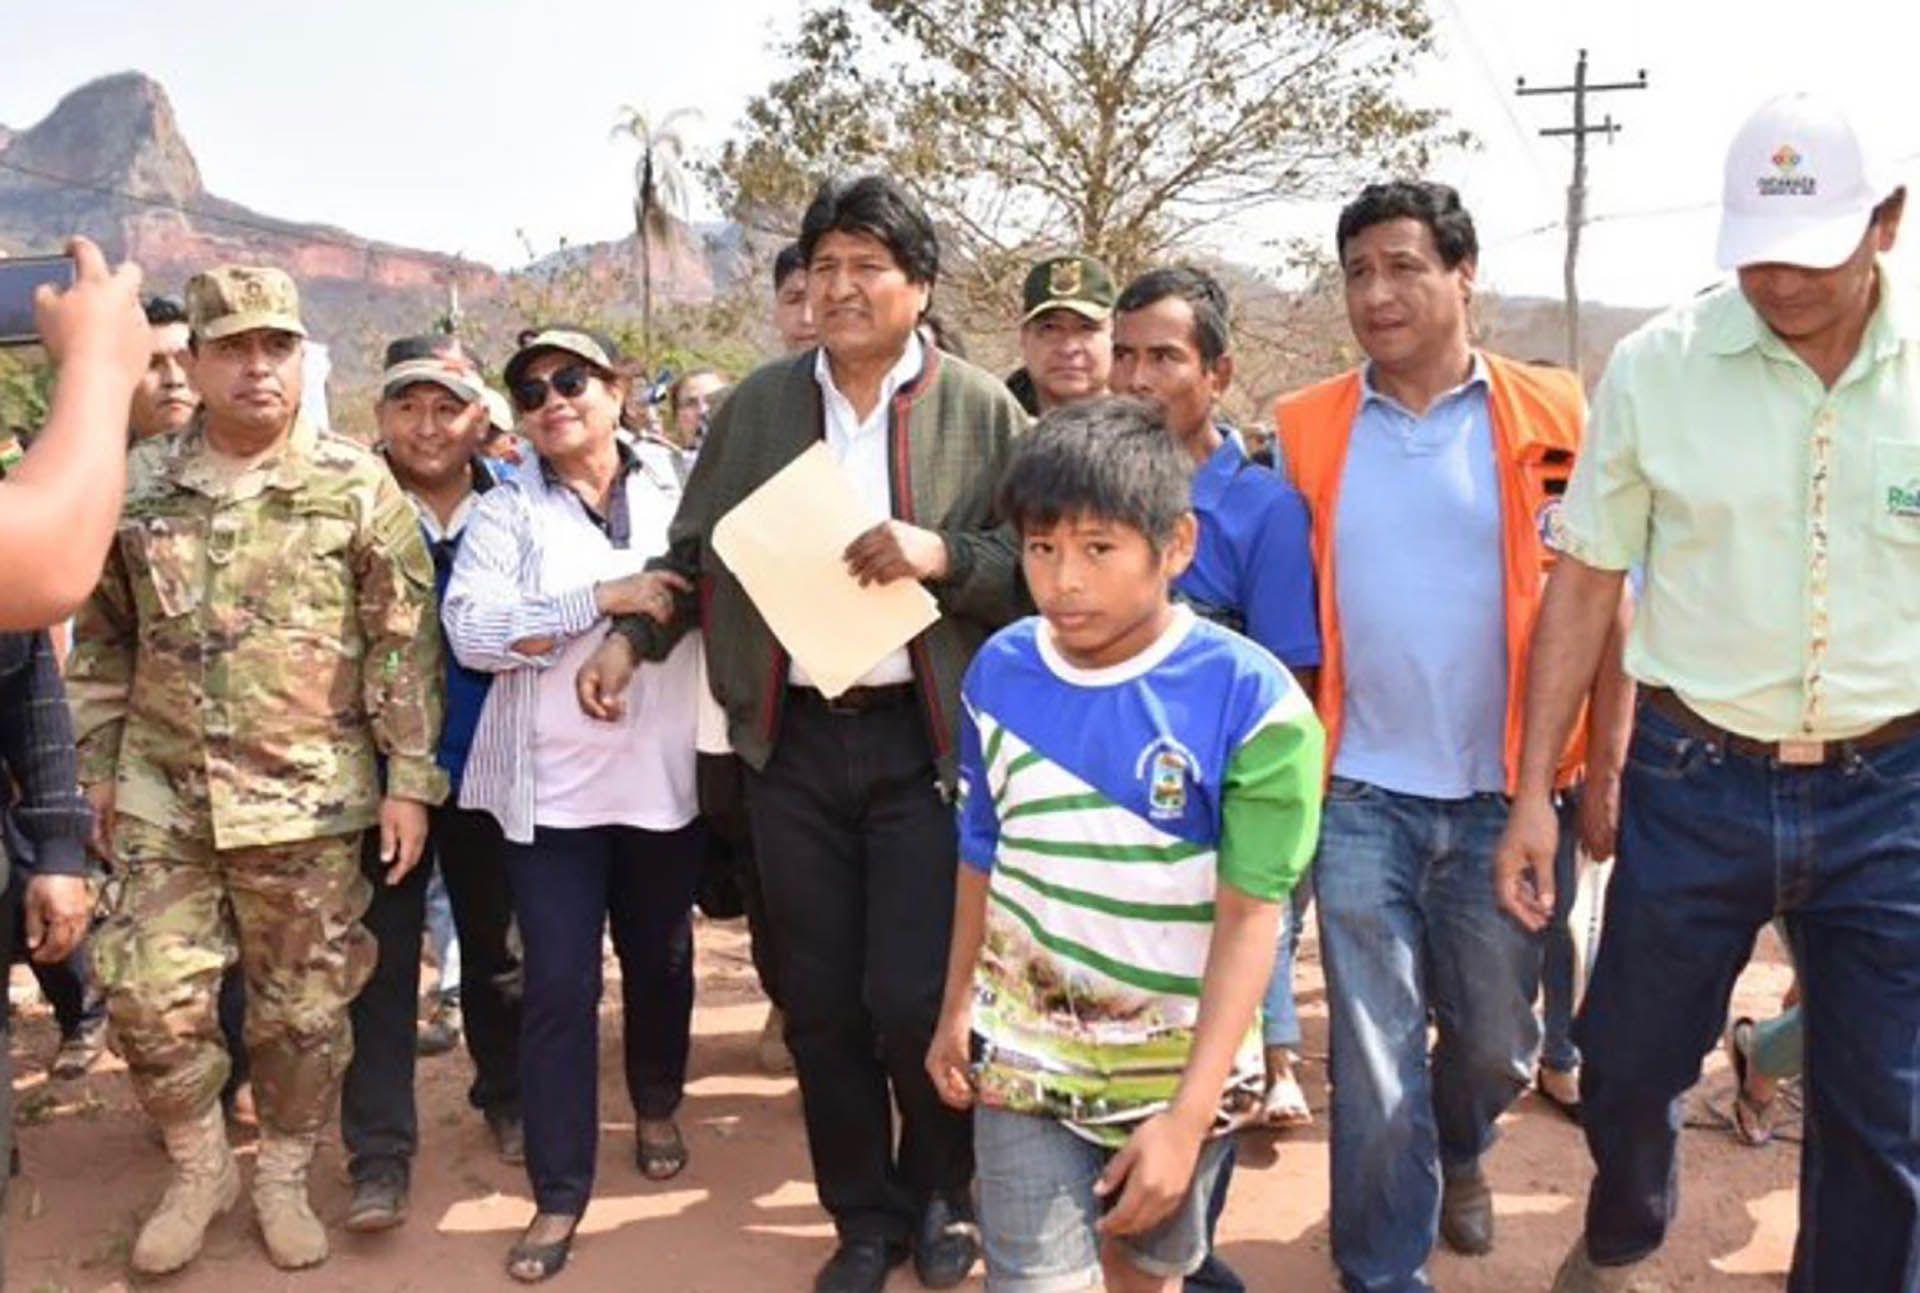 Evo Morales, en su inspección a la zona de la Chiquitania, afectada por el desastre ambiental.